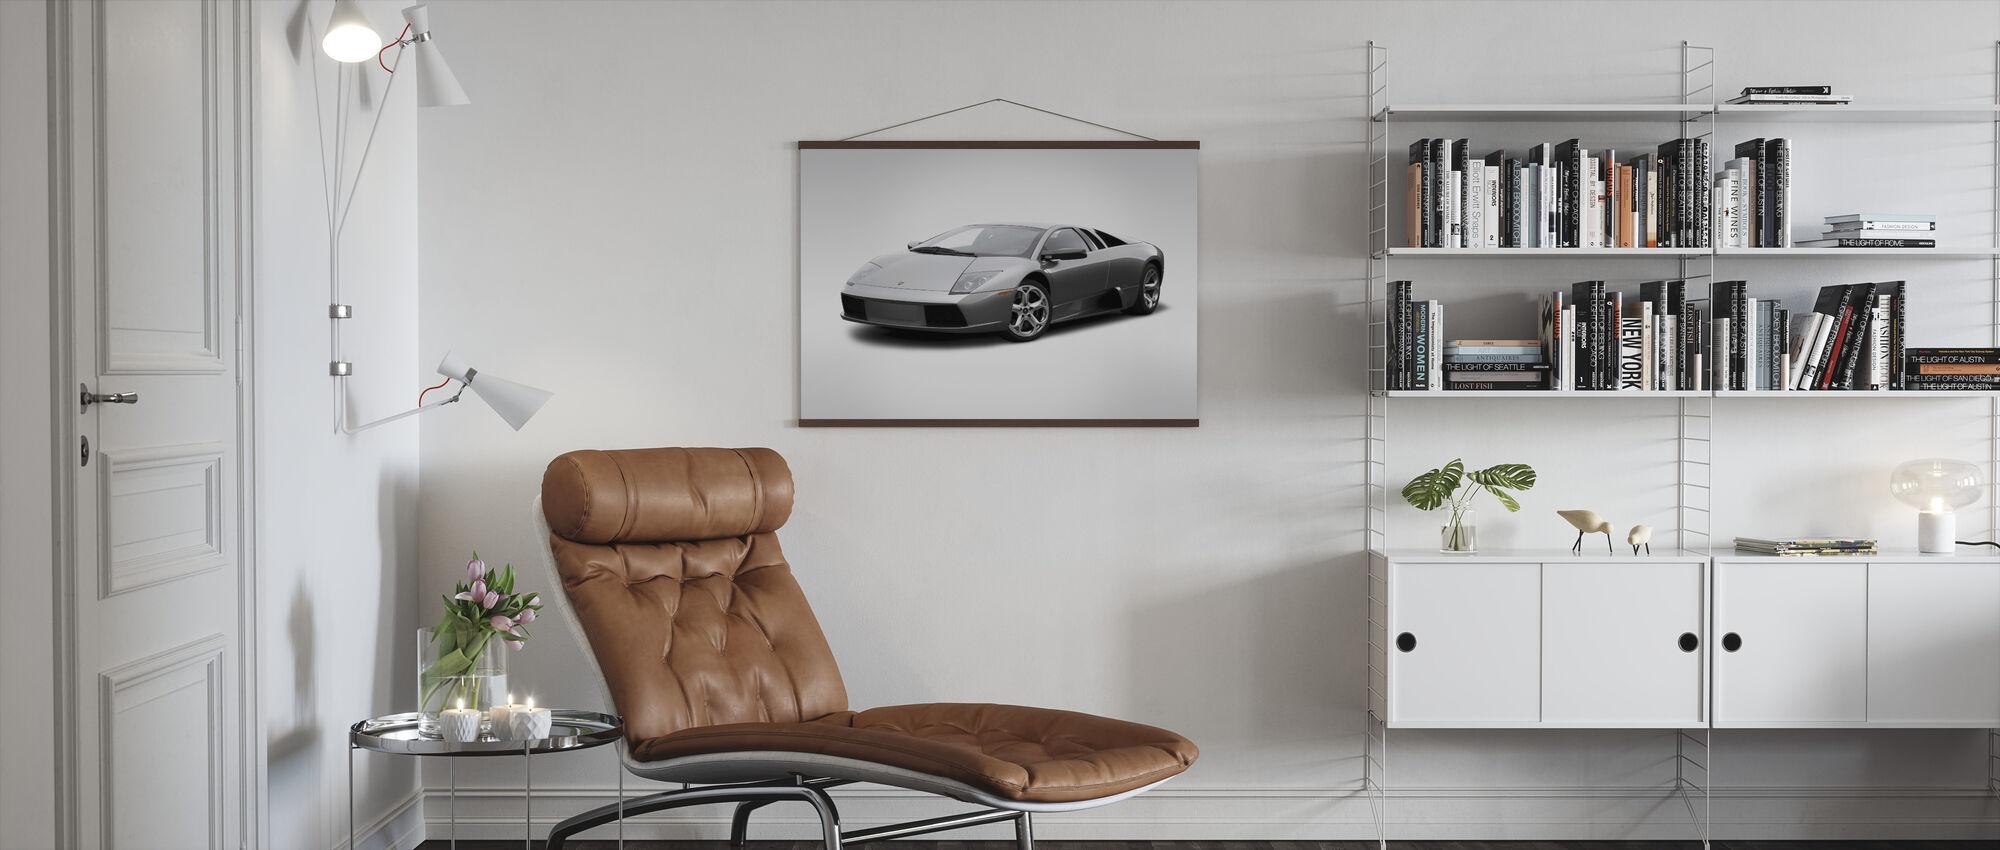 Lamborghini - Plakat - Stue